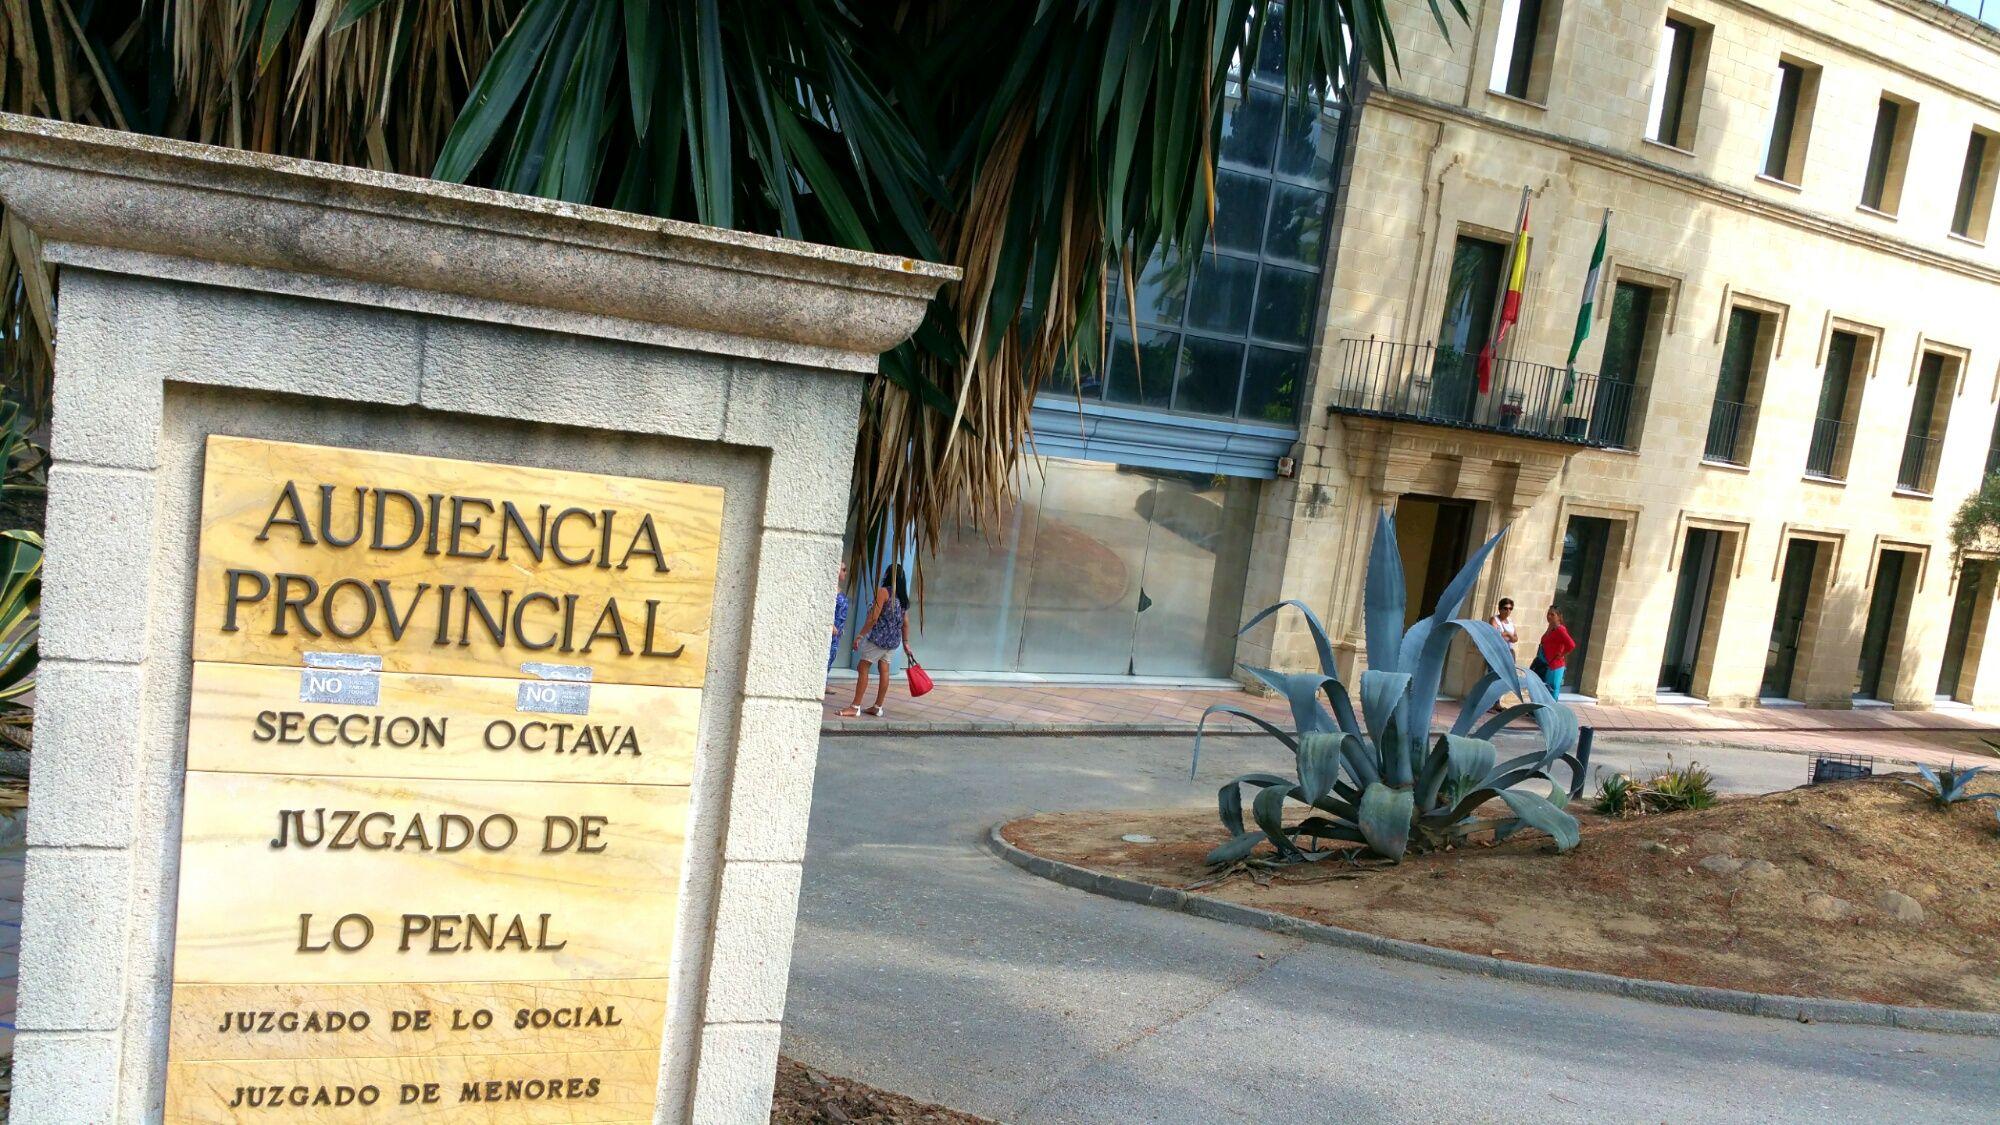 Exteriores de la Audiencia Provincial de Jerez | Mira Jerez